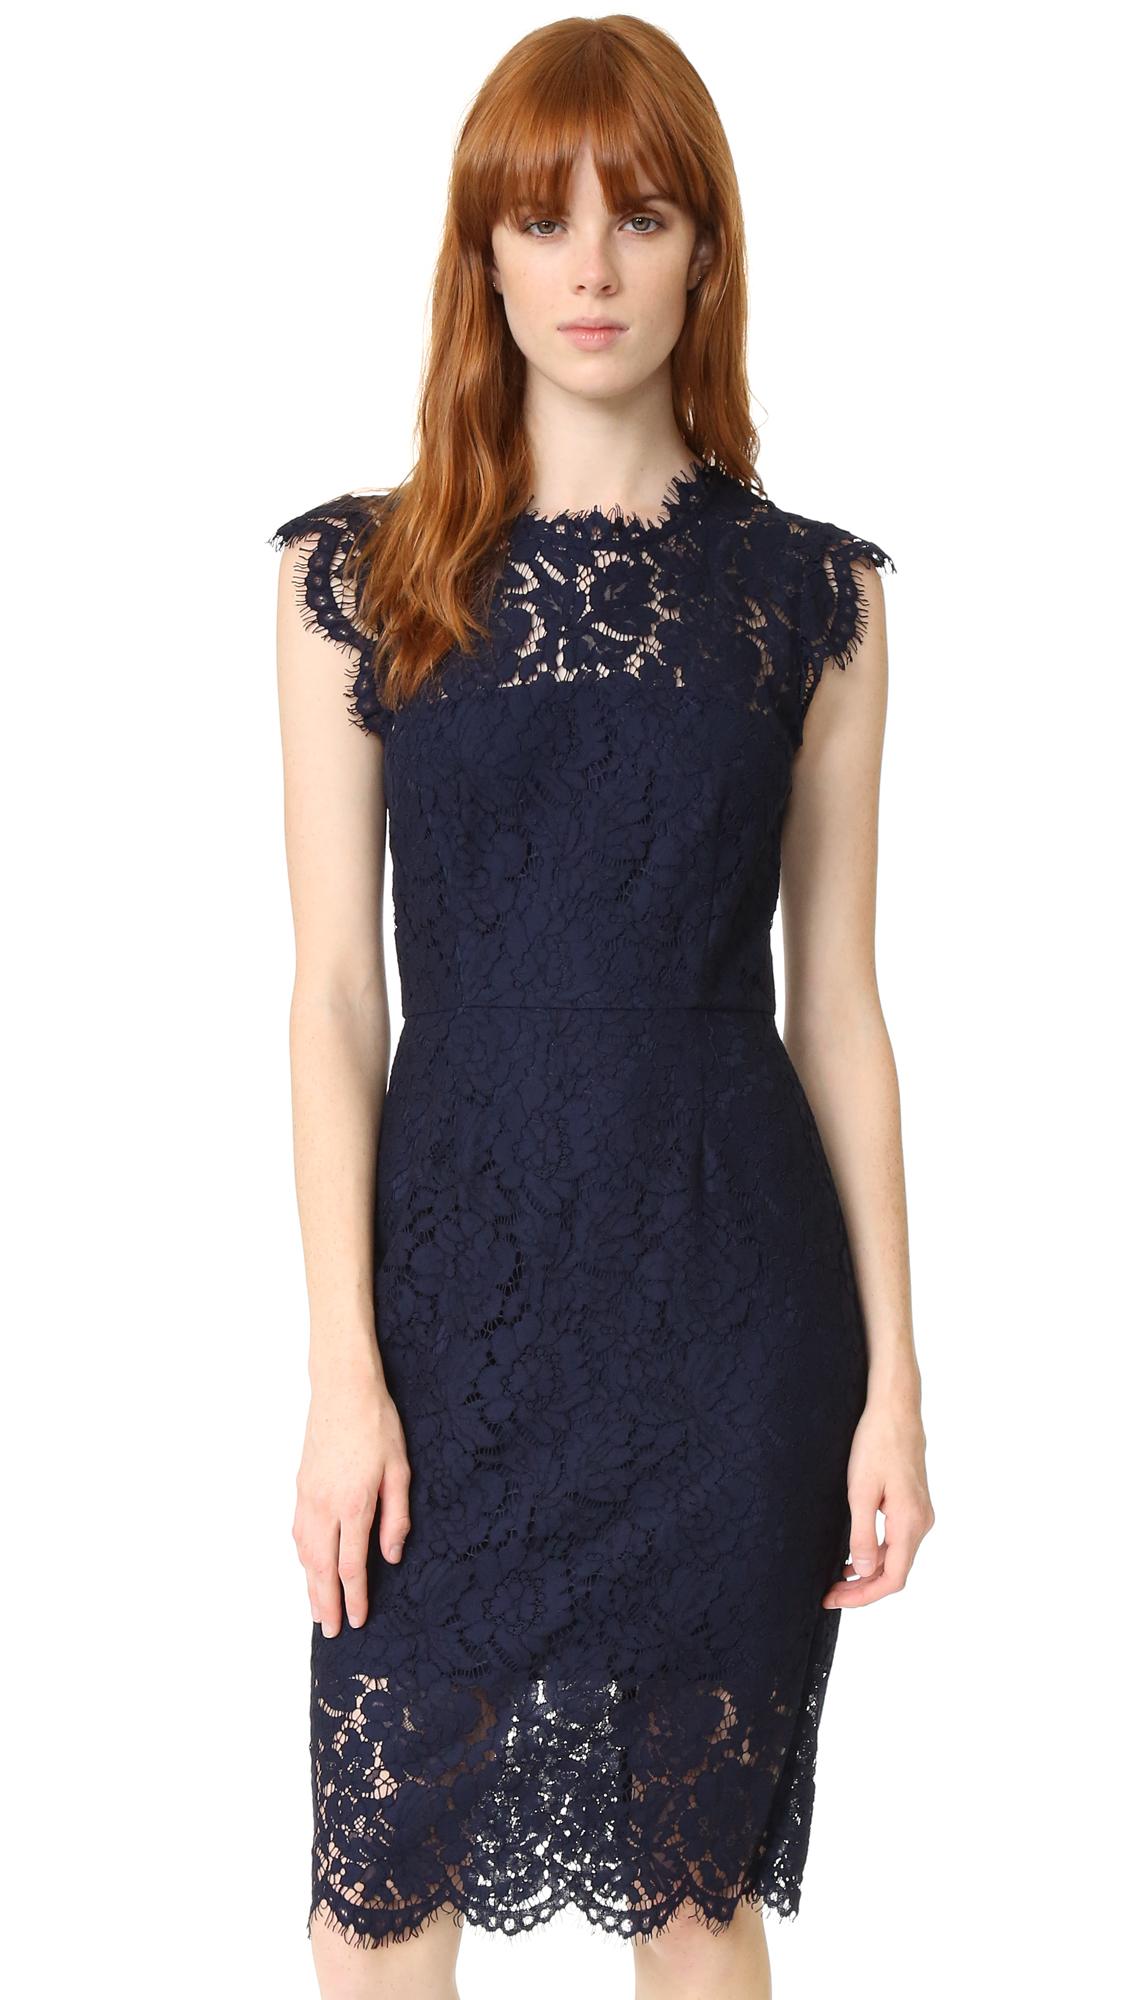 Navy Blue Lace Dress What Color Shoes